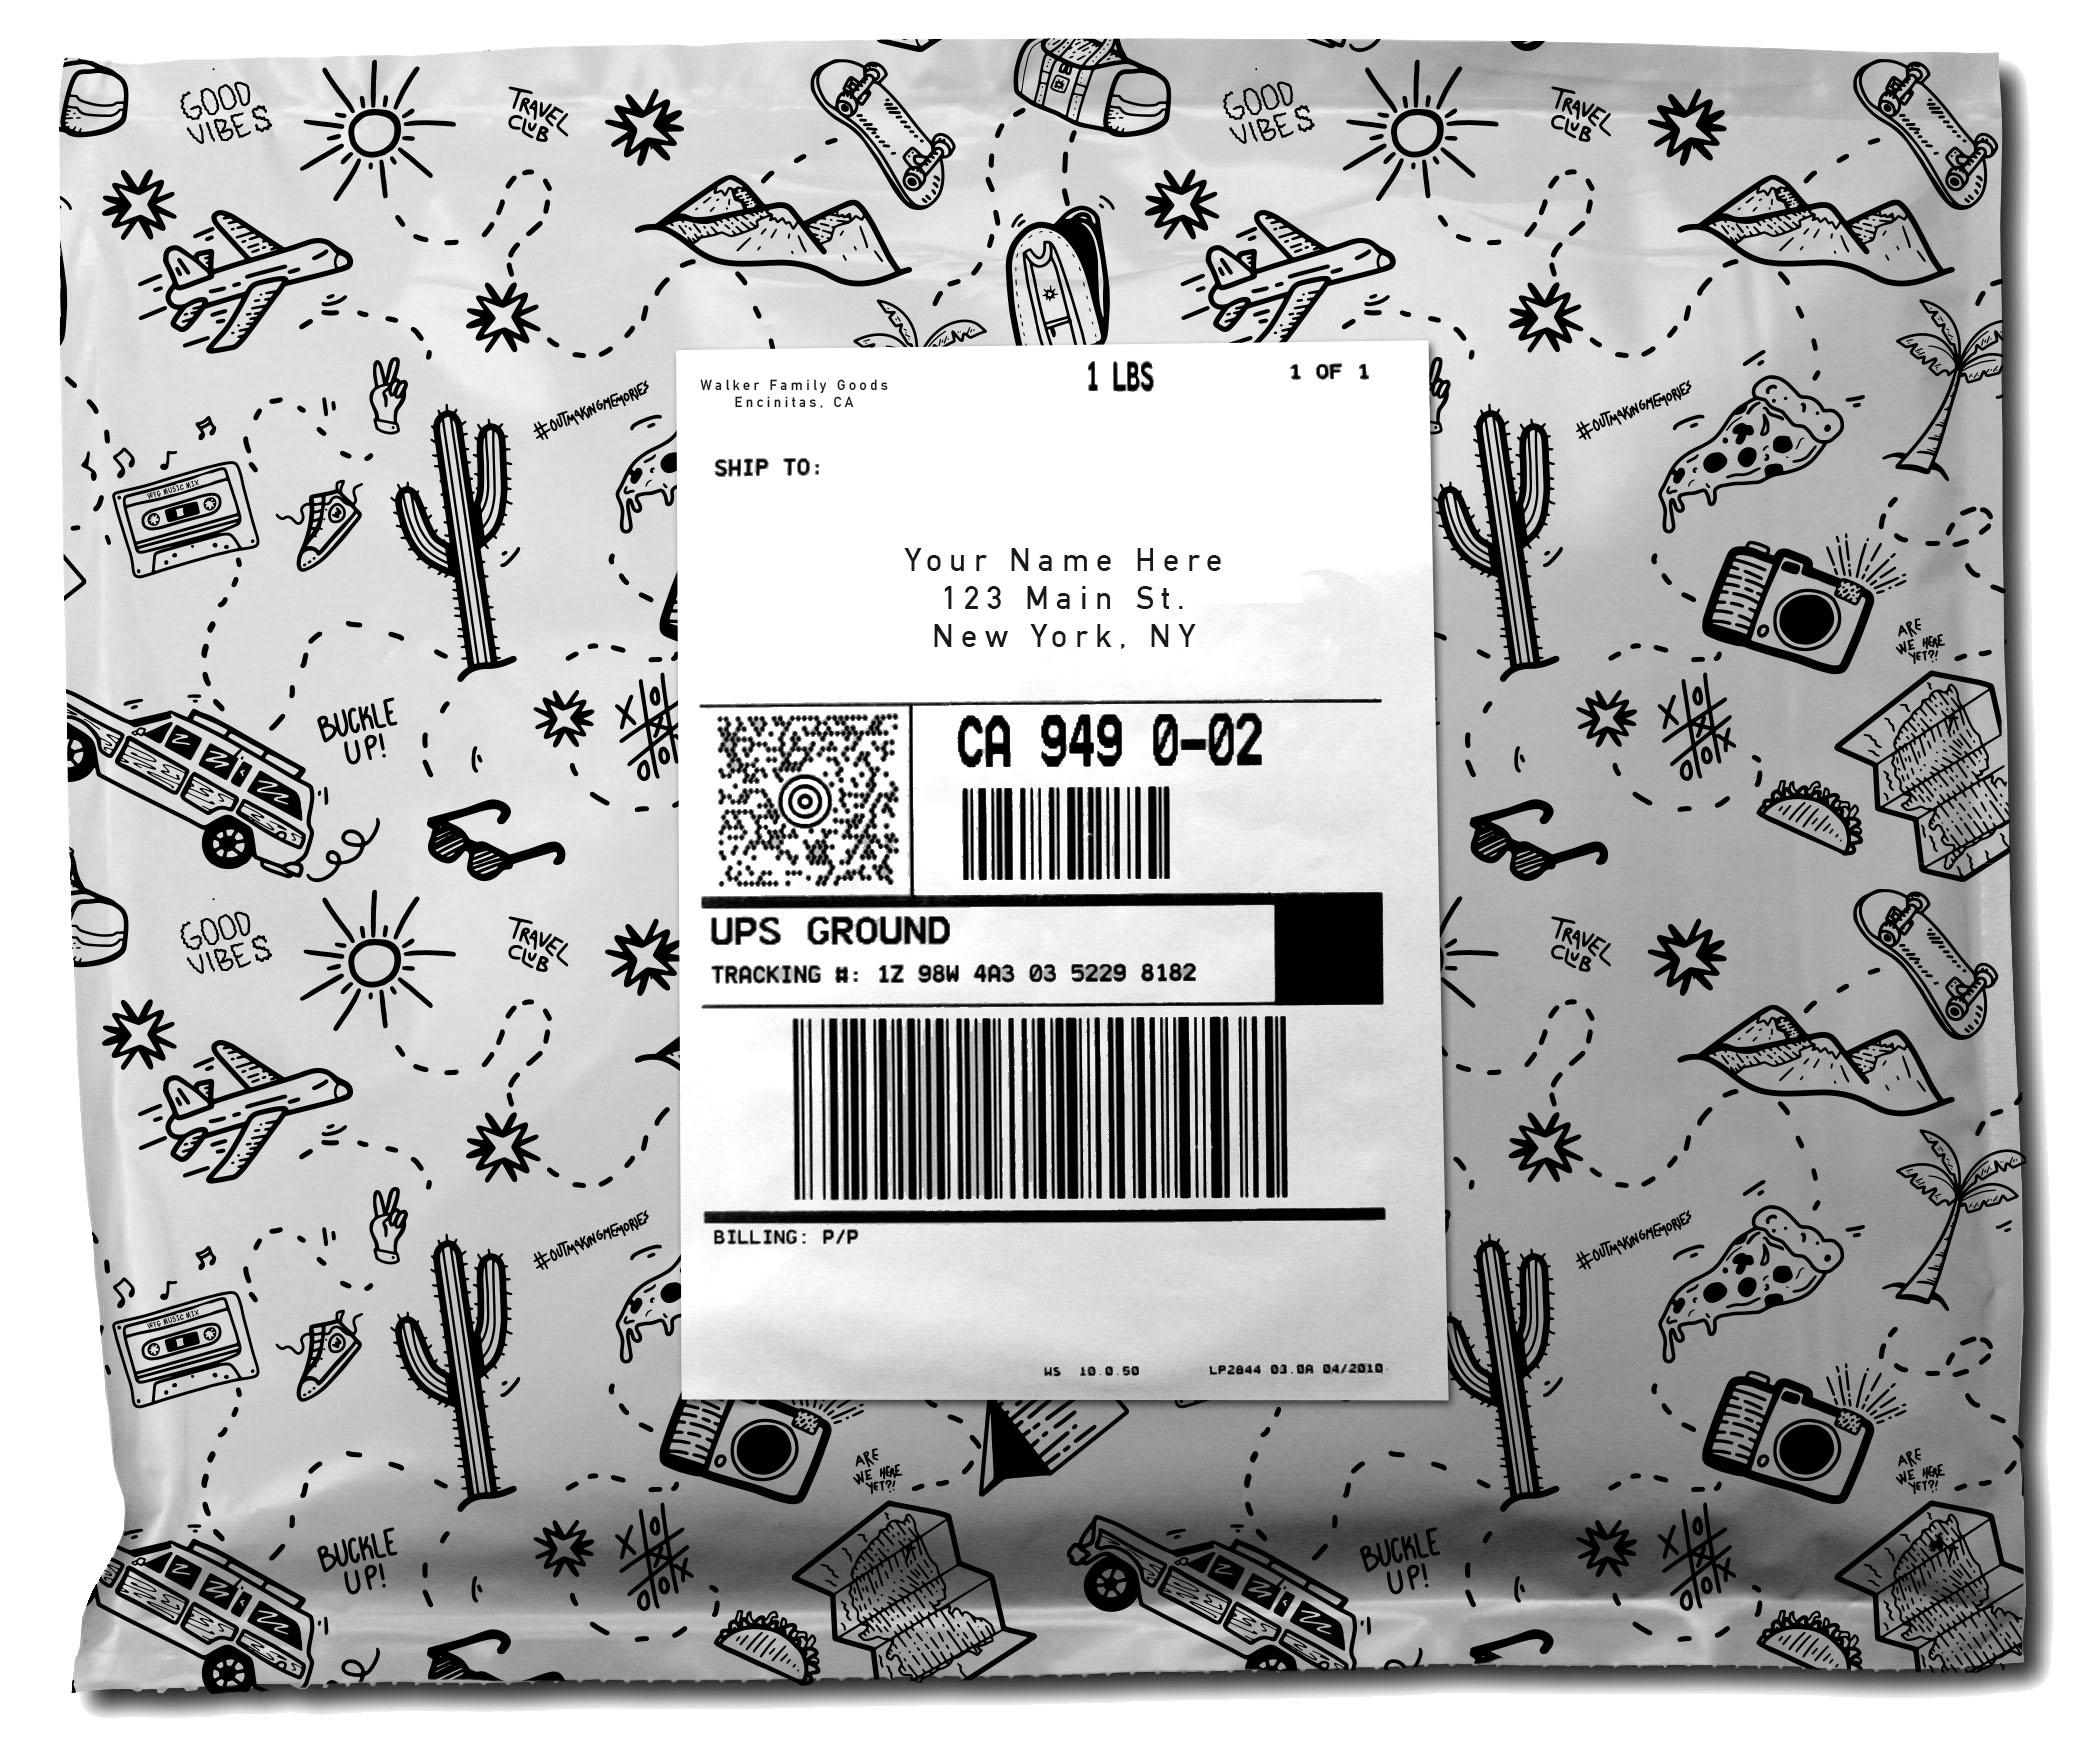 PackageMock.jpg